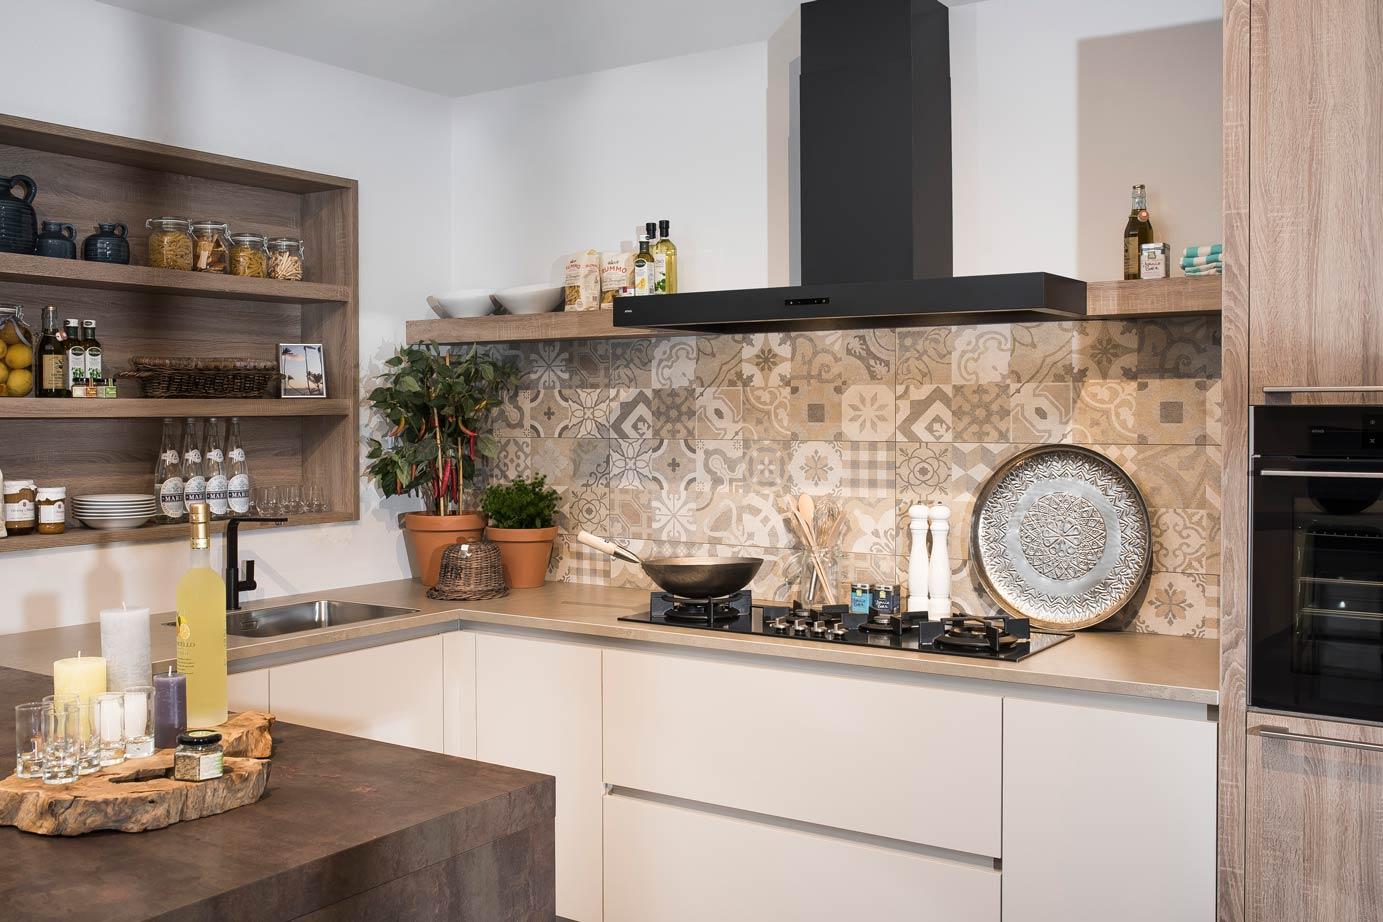 Home Design Keukens : Design keukens alles wat u moet weten mét vele keukenvoorbeelden